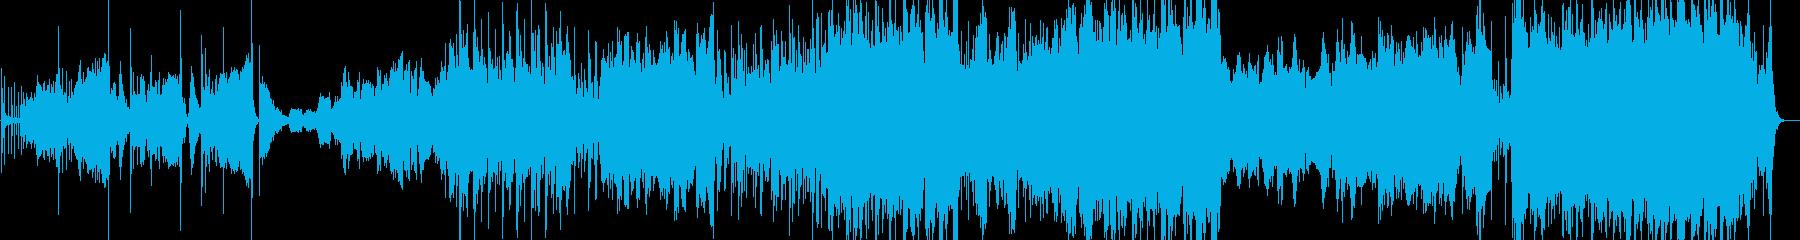 中国風の壮大な曲の再生済みの波形